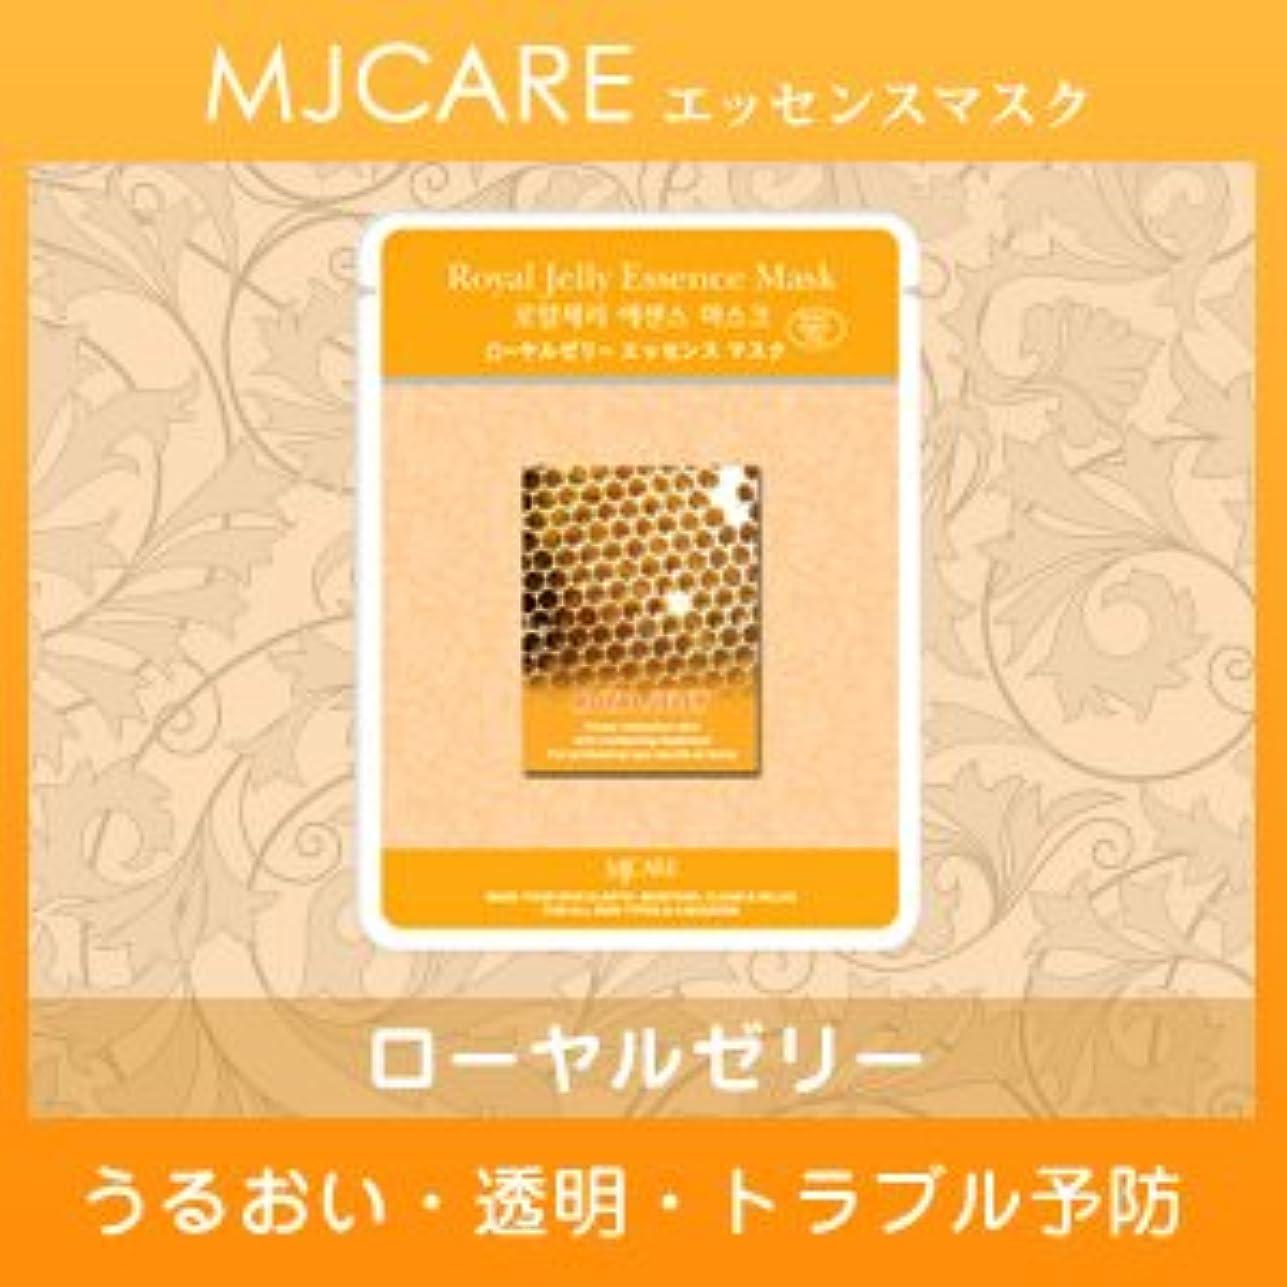 収入機密不快MJCARE (エムジェイケア) ローヤルゼリー エッセンスマスク